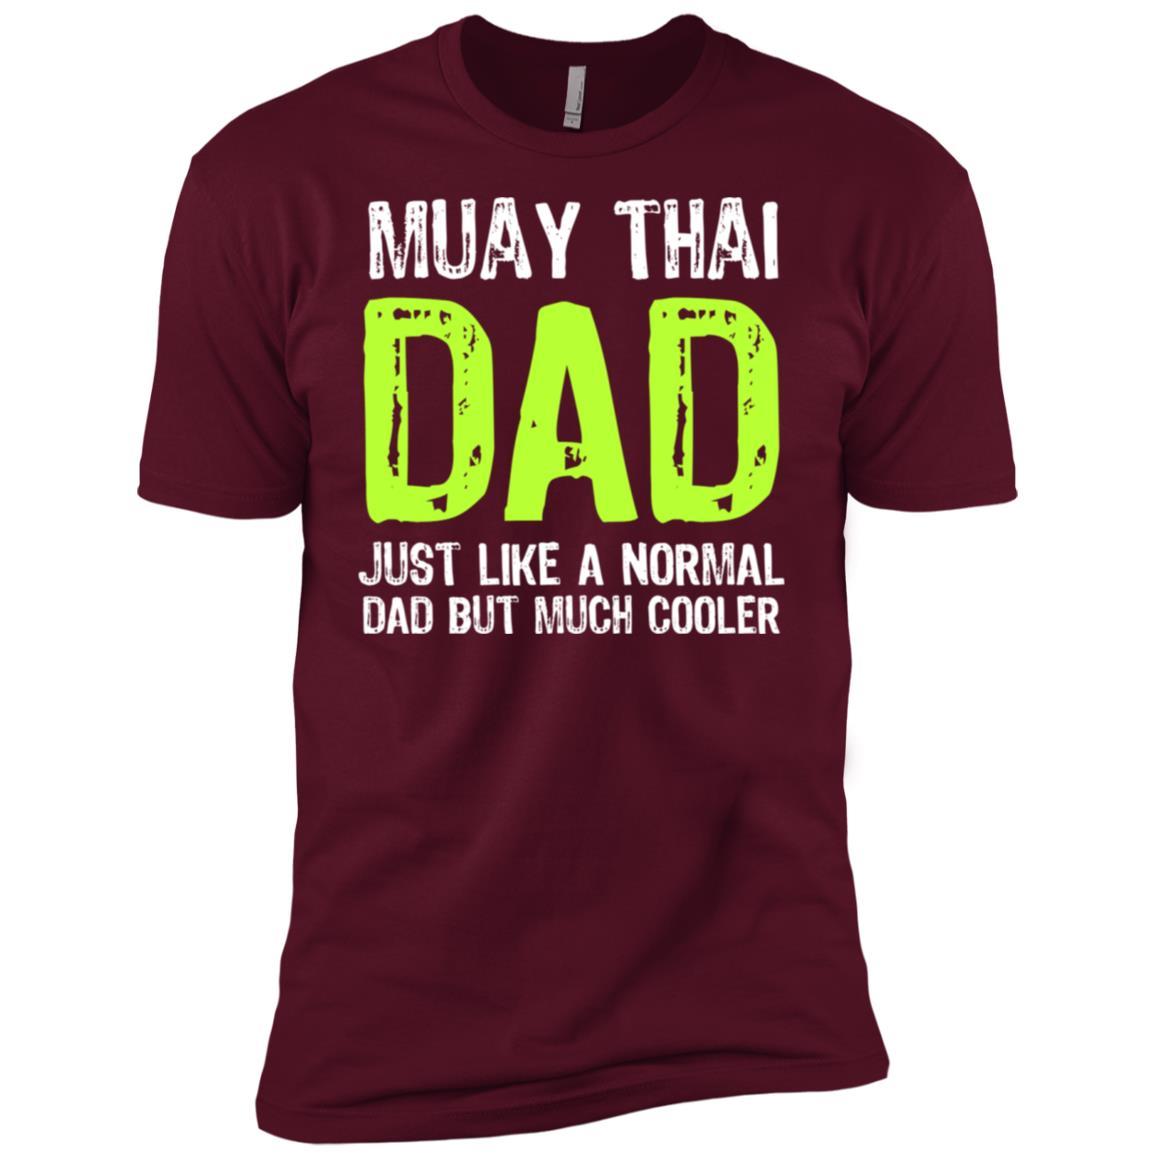 Muay Thai Dad But Much Cooler Hobbyist -1 Men Short Sleeve T-Shirt